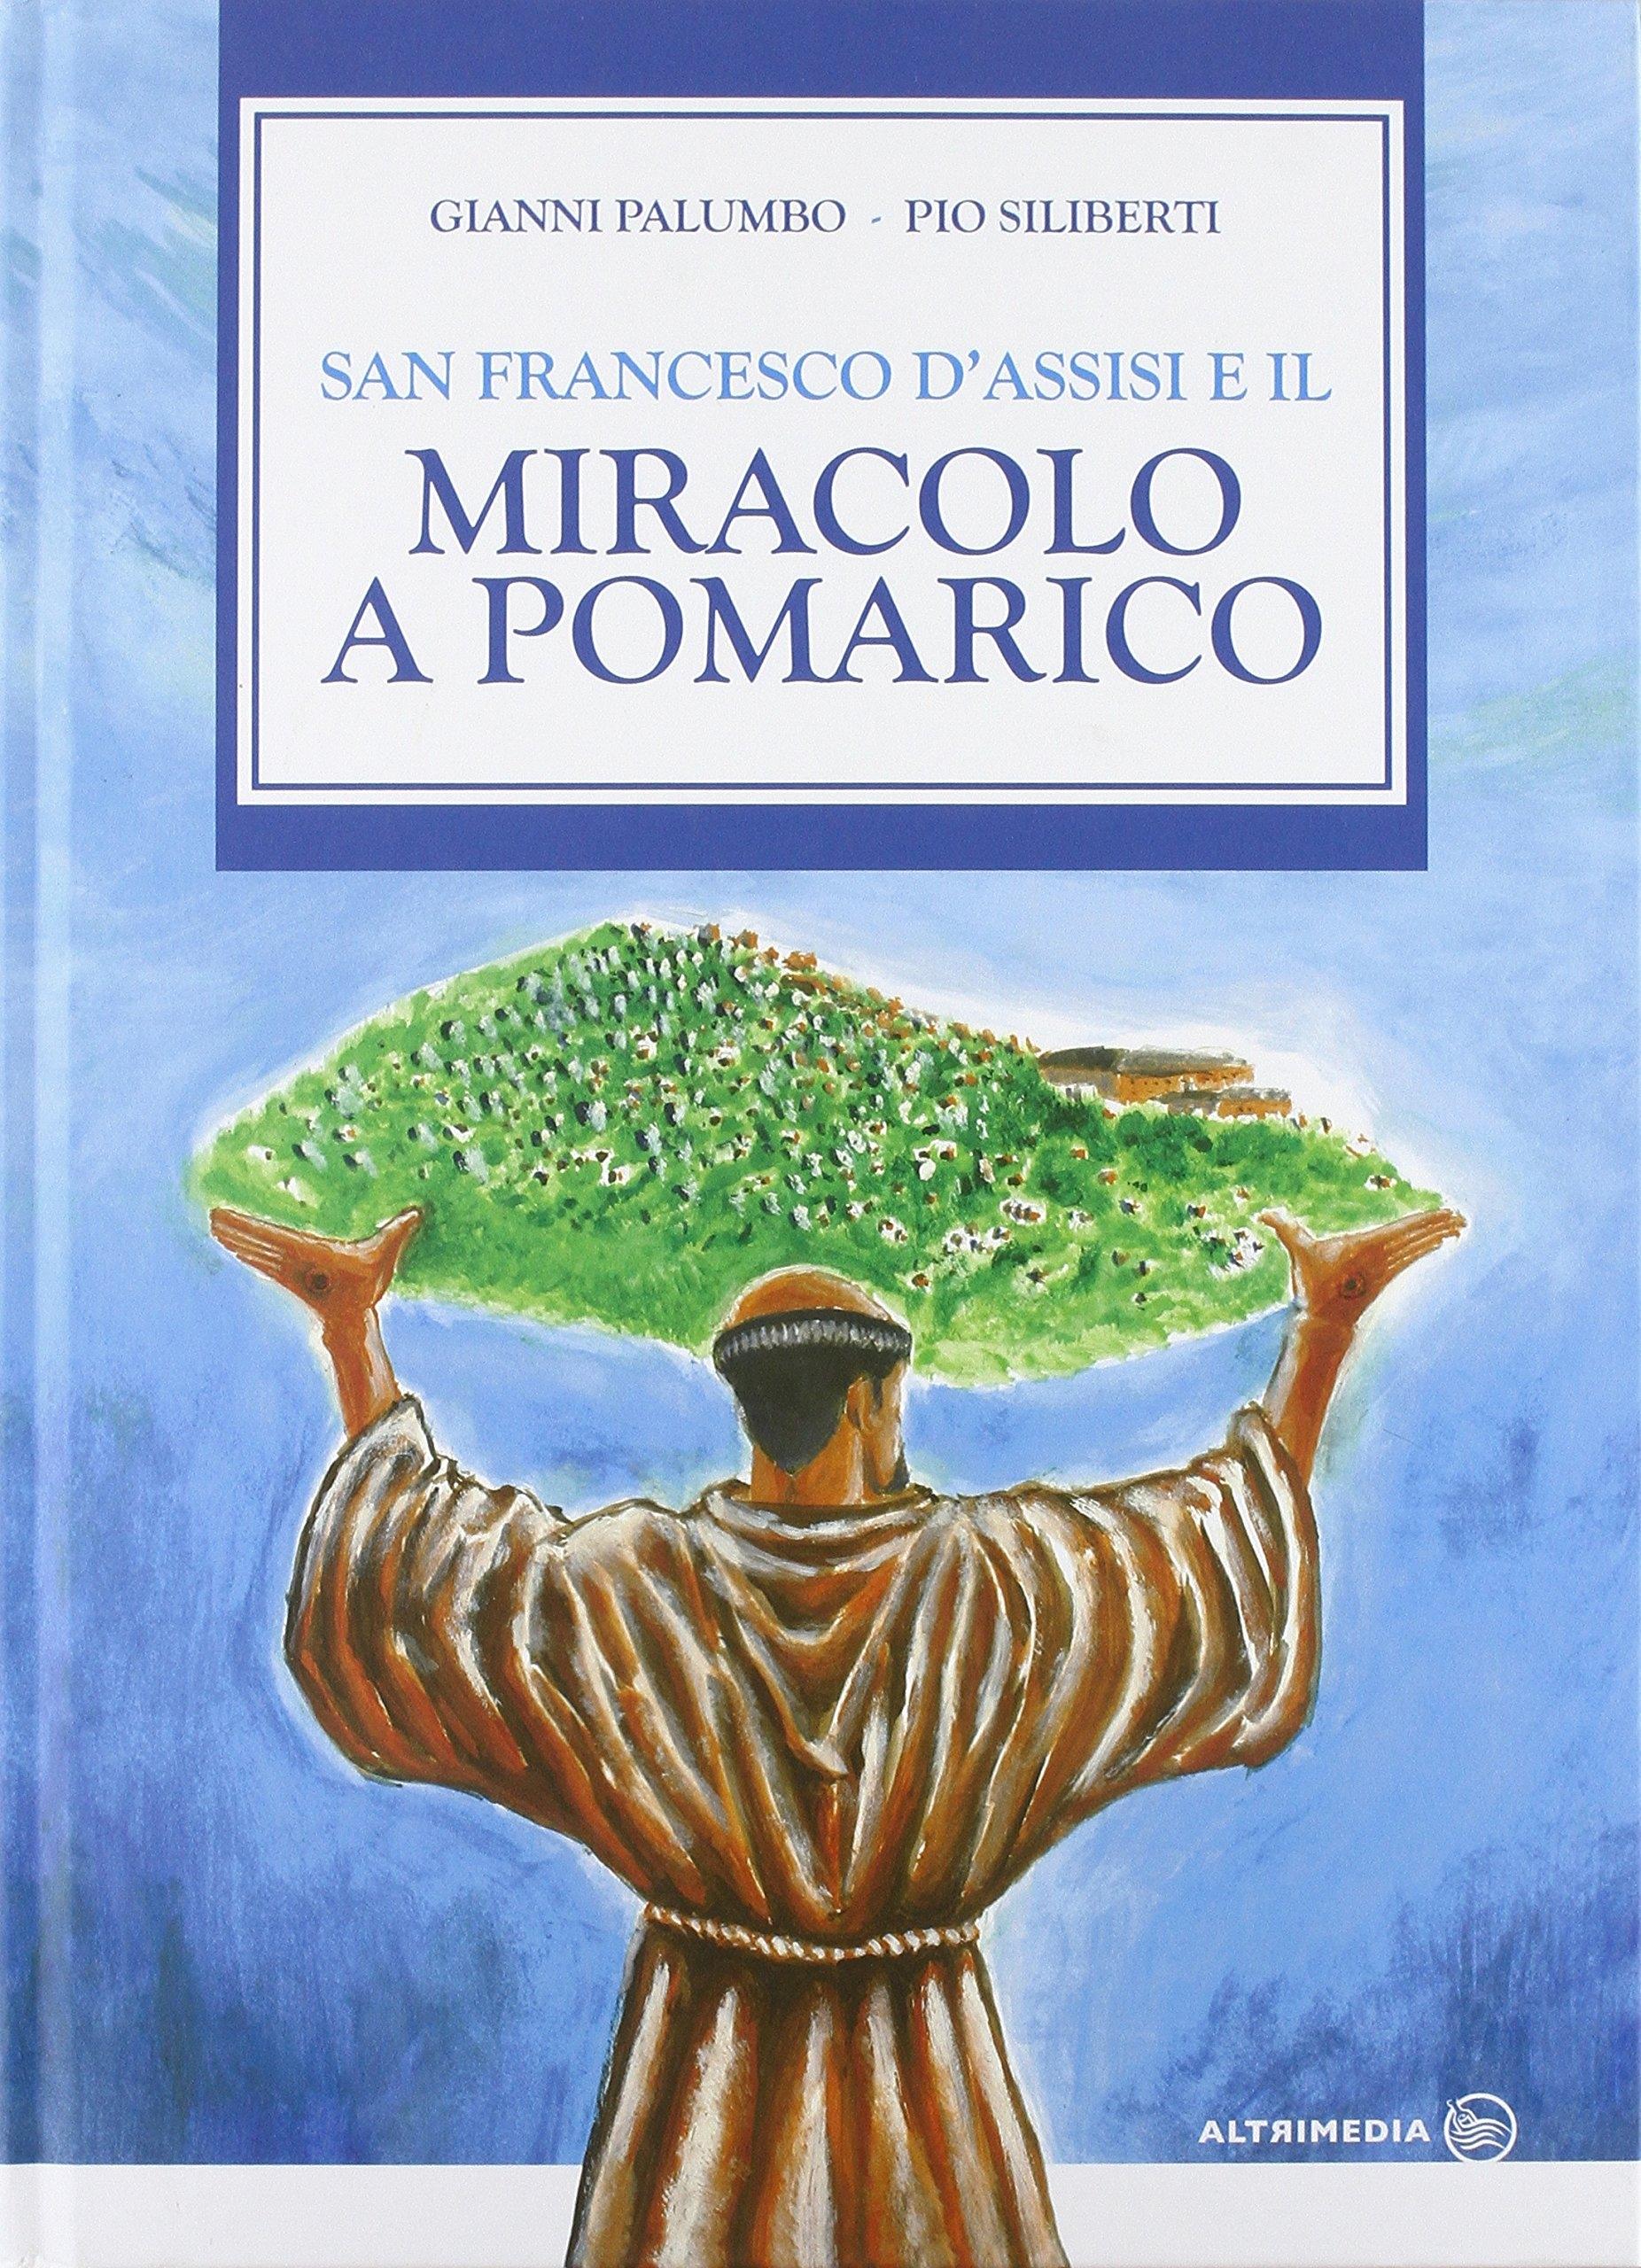 San Francesco d'Assisi e il miracolo di Pomarico